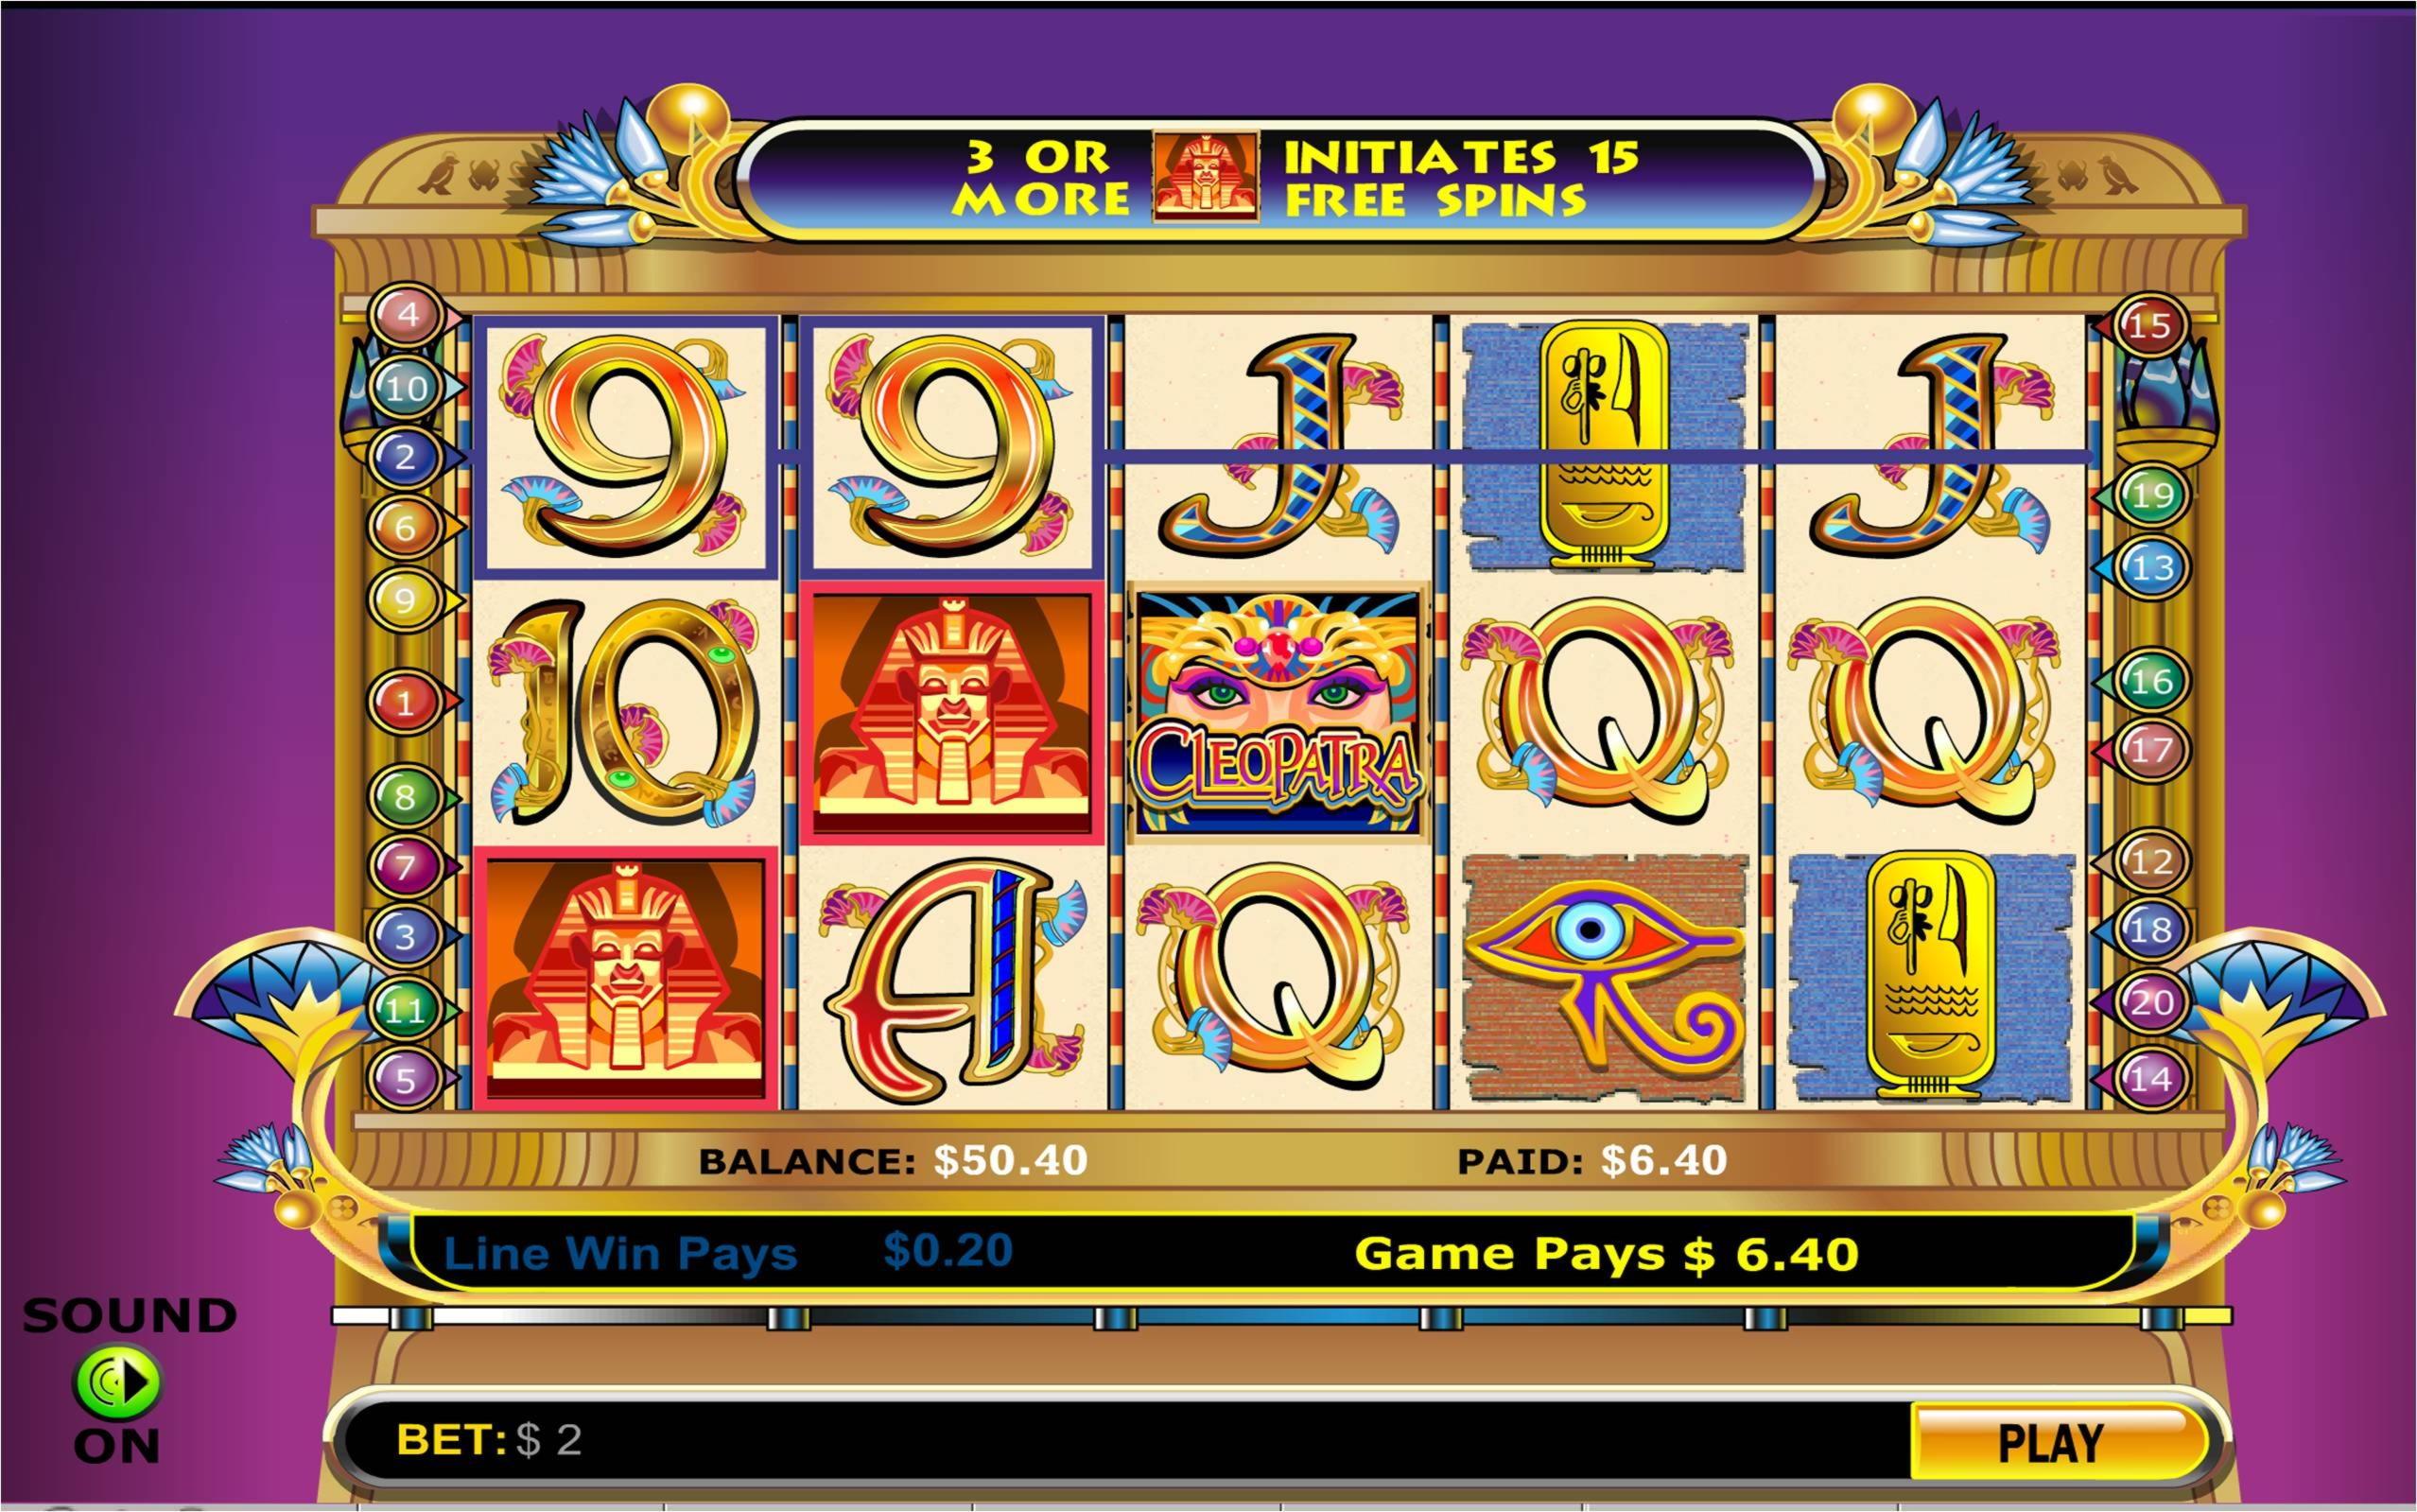 € BONUS 2970 SANS DEPOT au Cocoa Casino